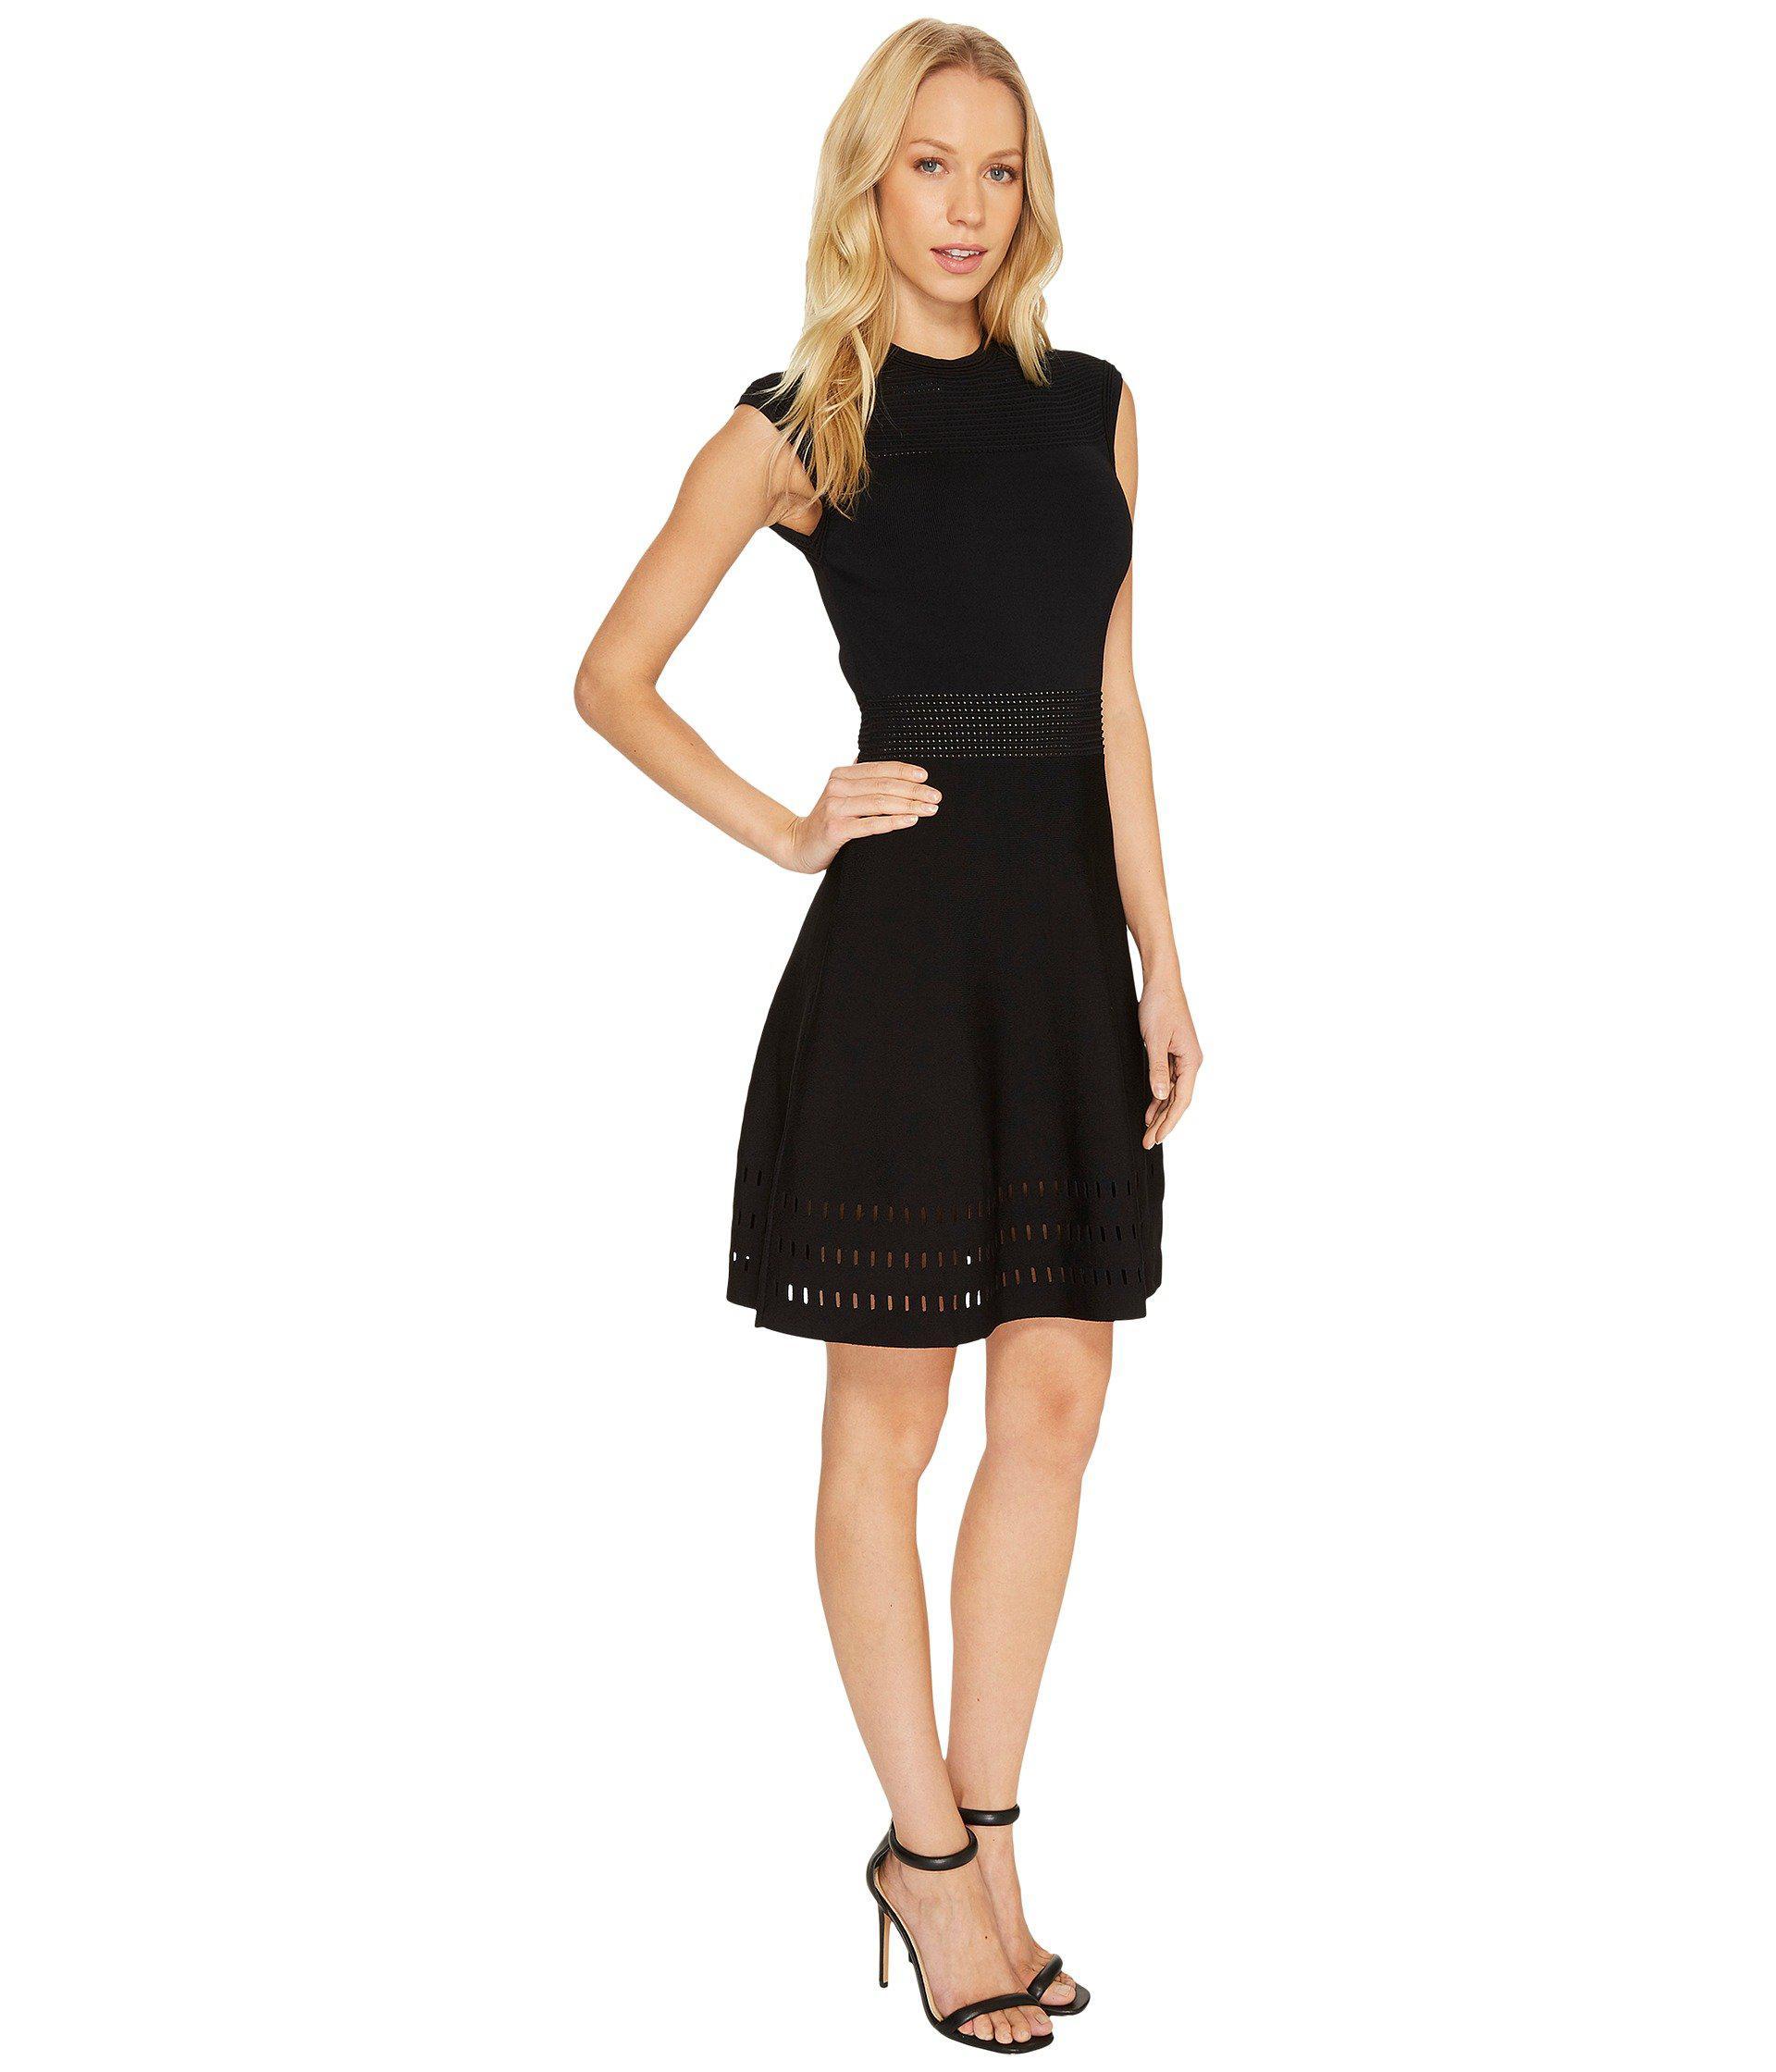 72175c7dd7f65 Lyst - Ted Baker Aurbray Knitted Skater Dress in Black